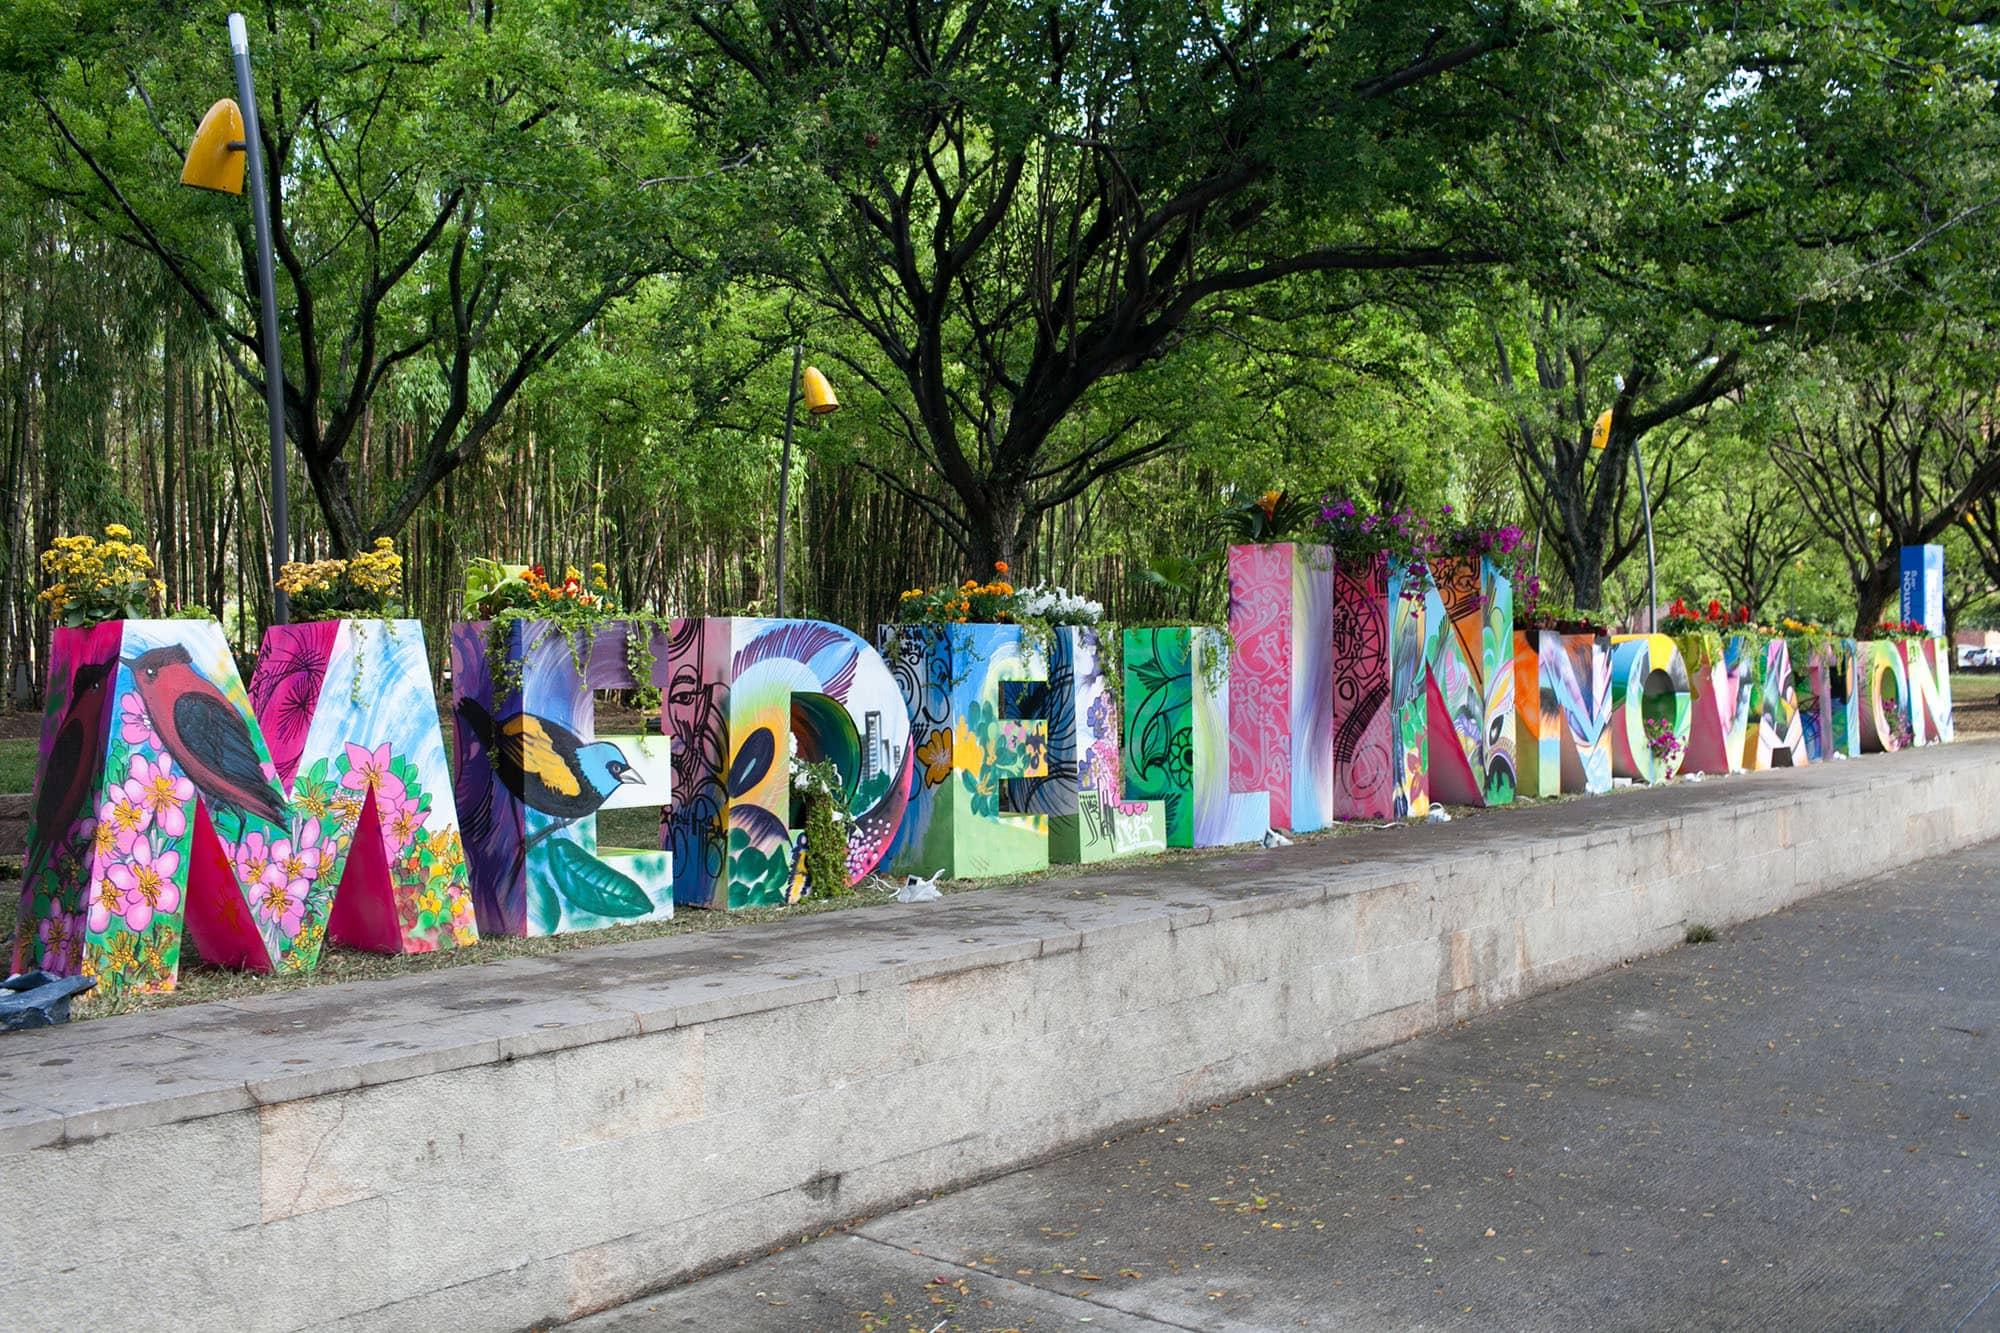 Medellinovation in Medellin, Colombia